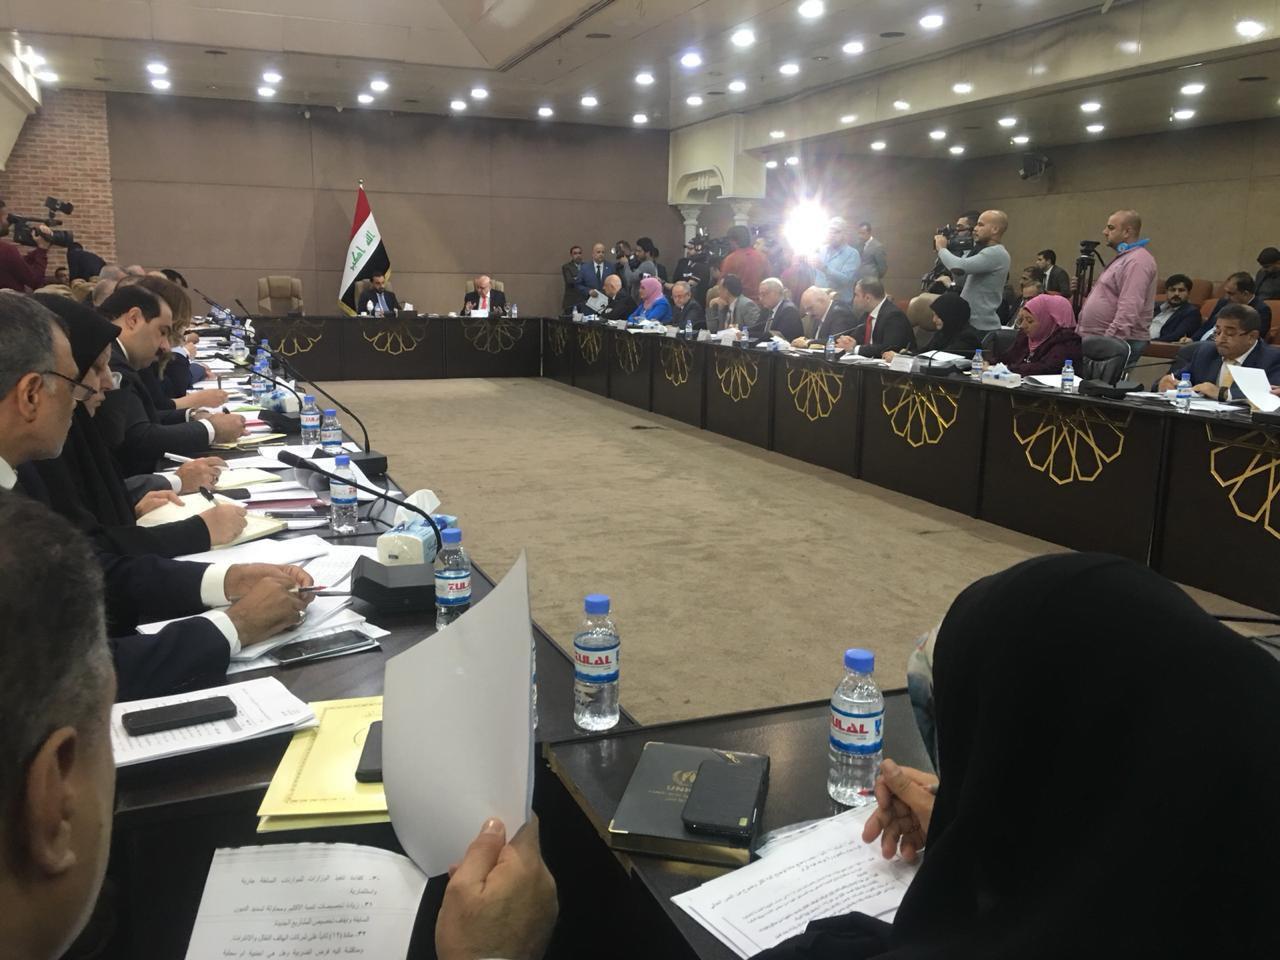 الحلبوسي يفتتح اجتماع اللجنة المالية مع اللجنة الحكومية لمناقشة موازنة 2019